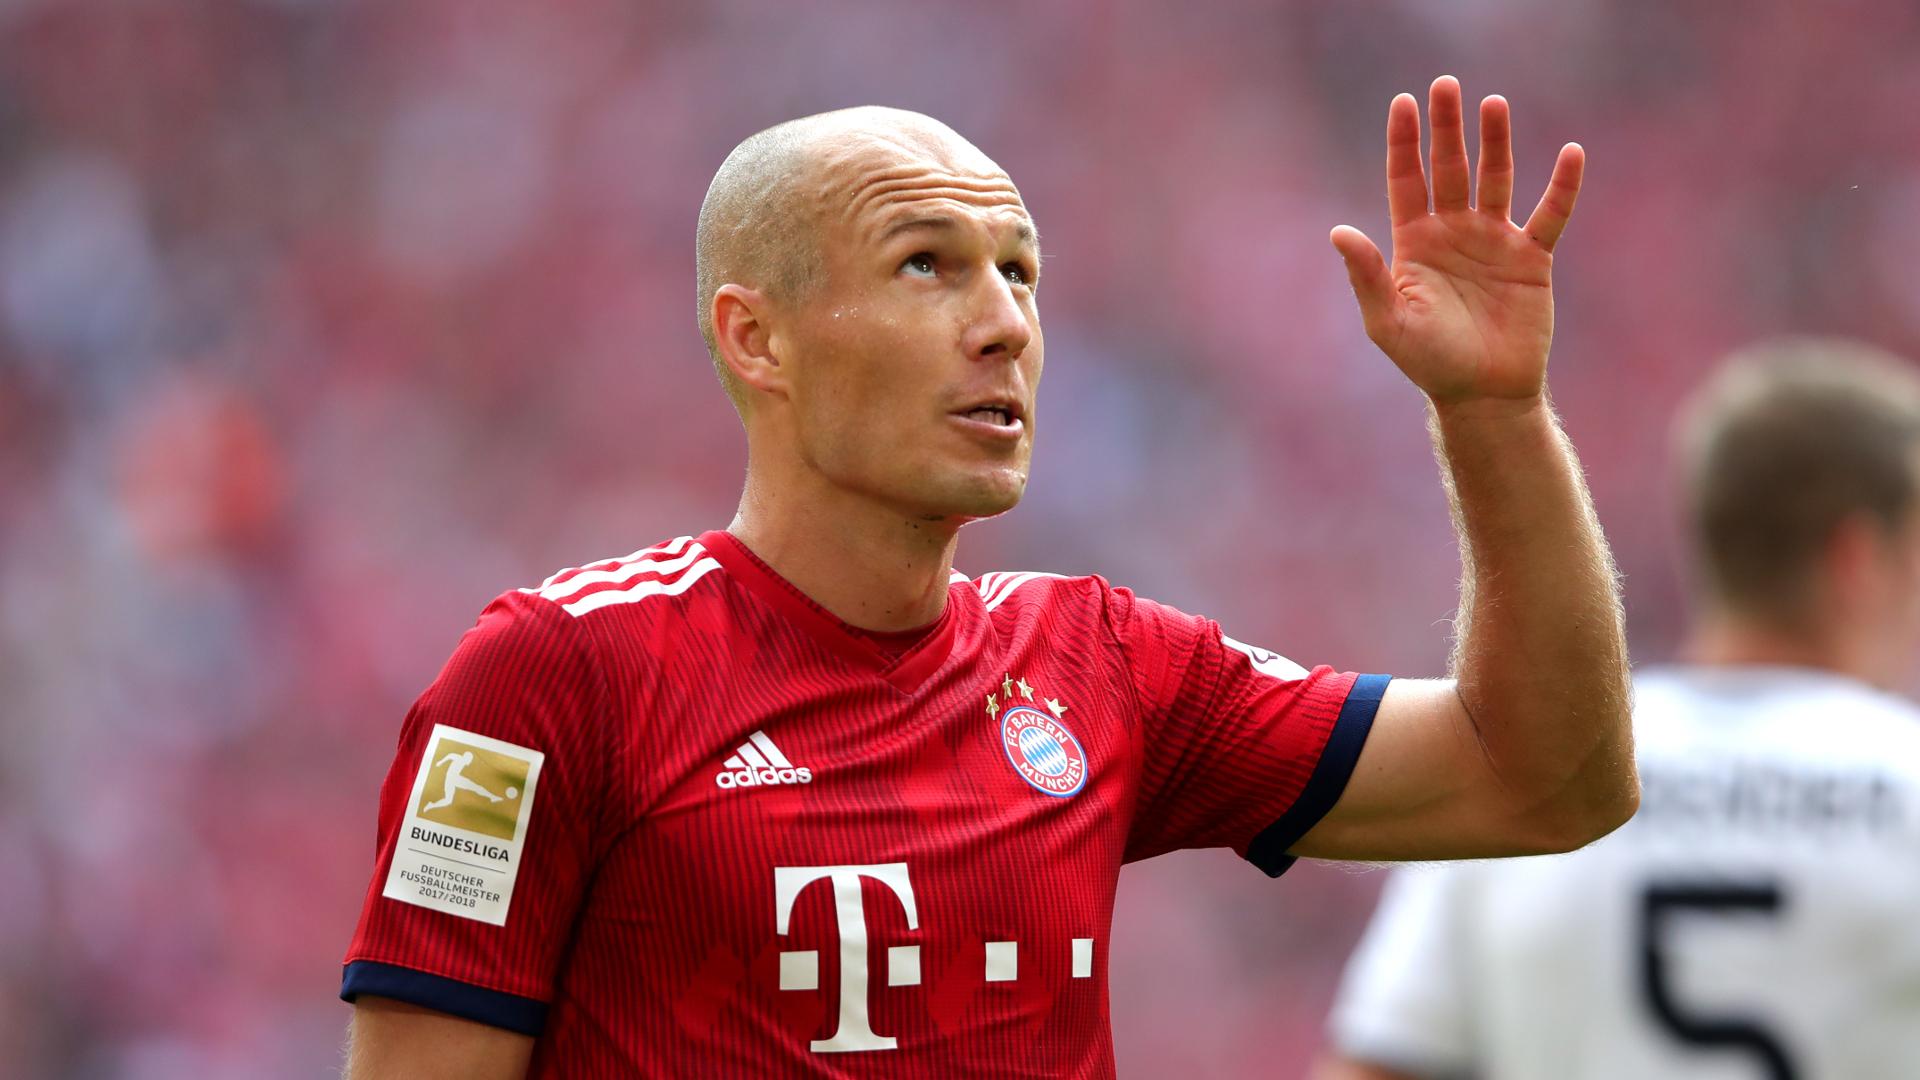 Arjen Robben Biography  |Arjen Robben